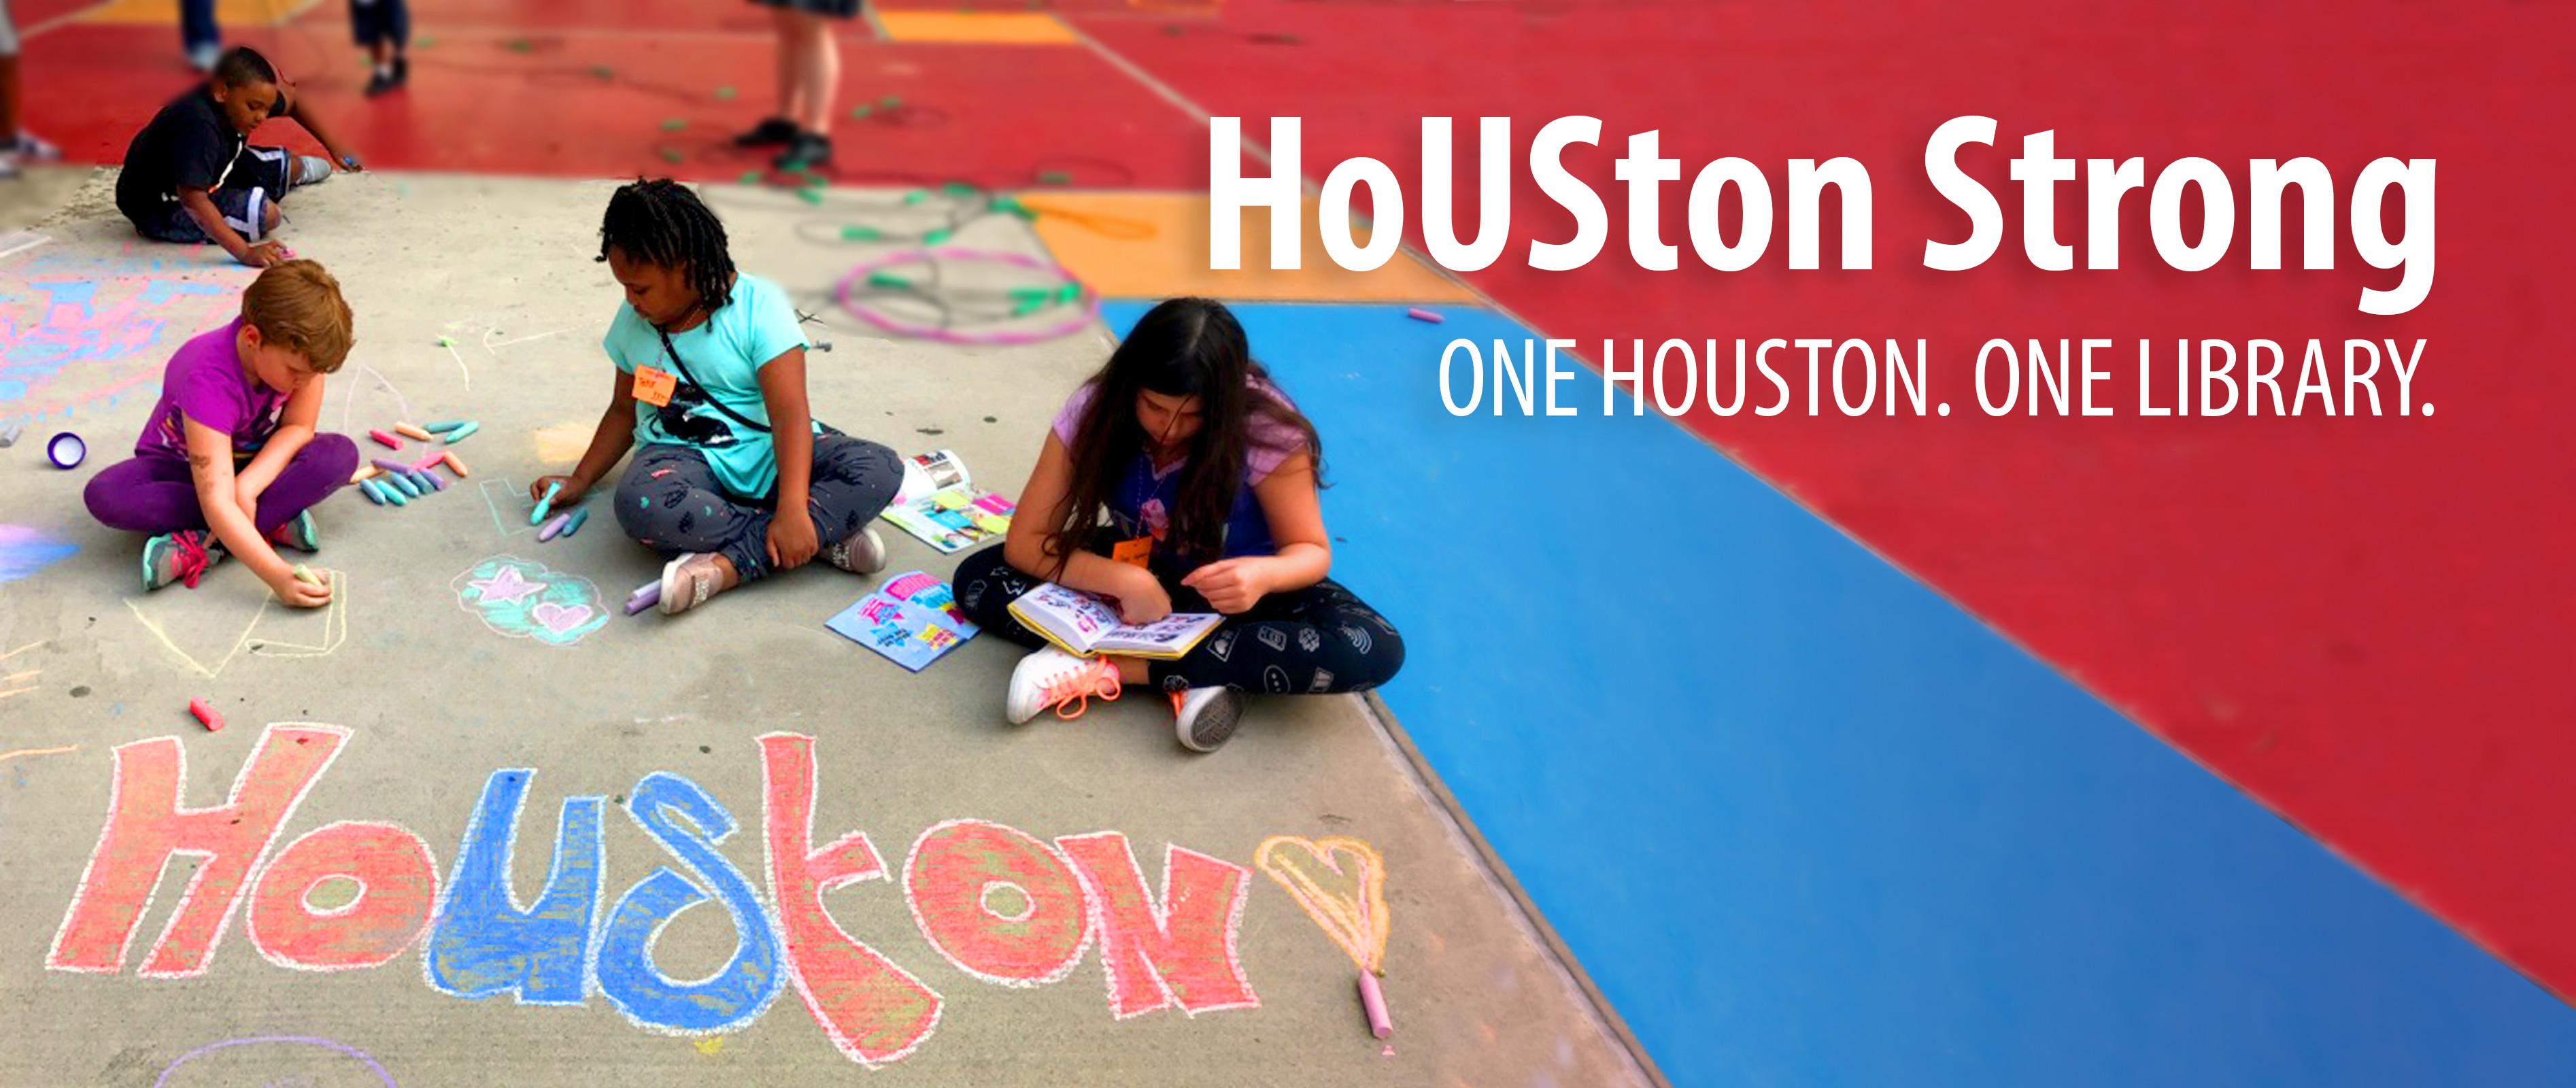 Post Hurricane Harvey HPL HoUSton Strong